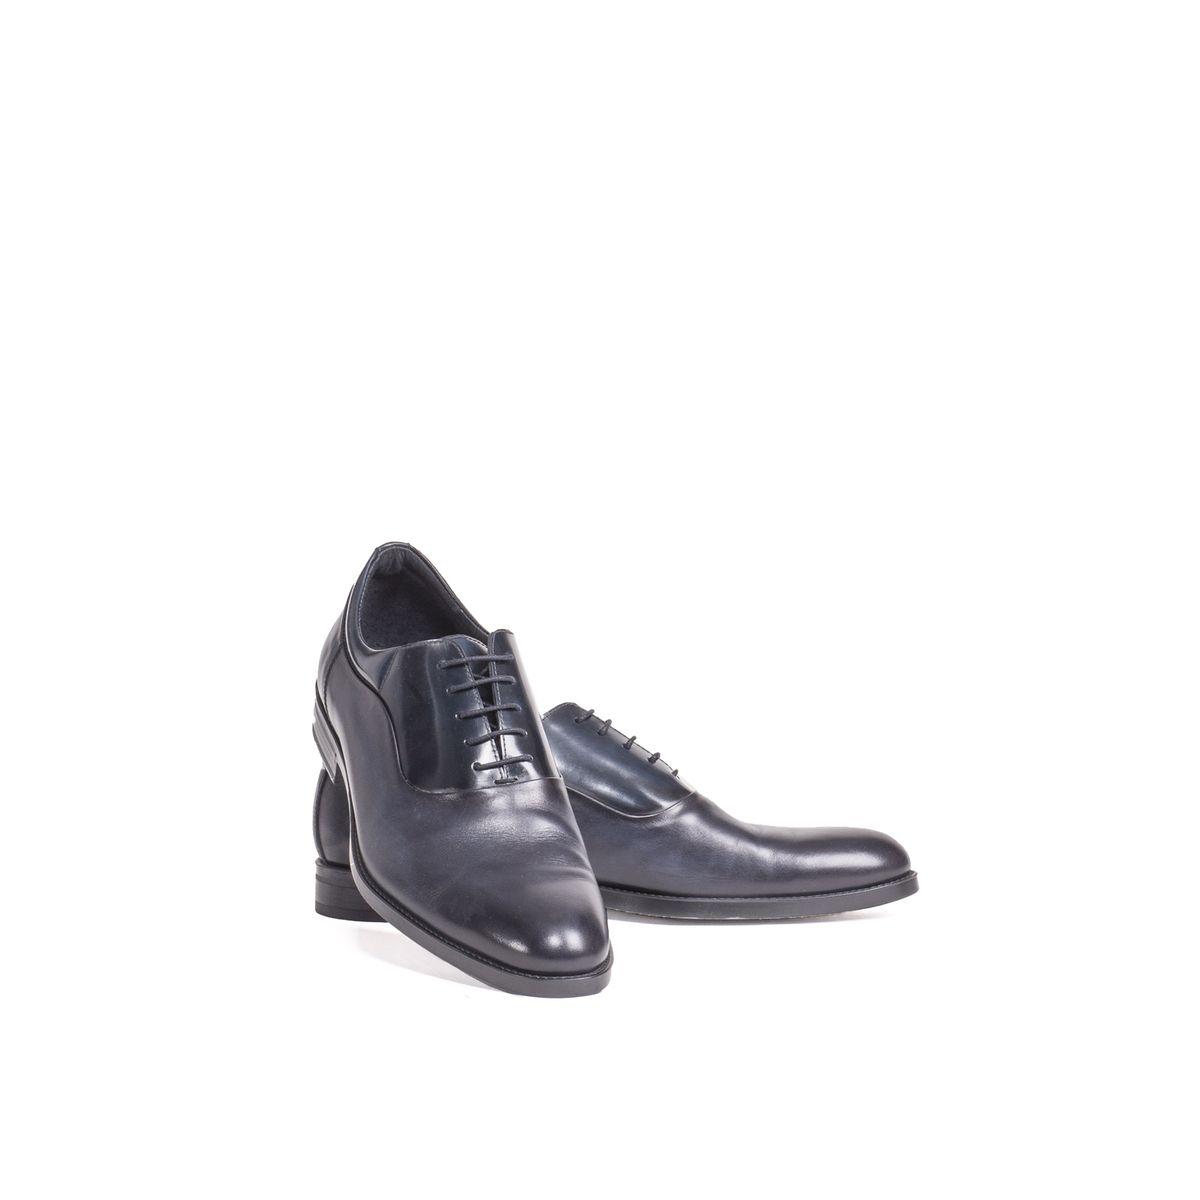 chaussure richelieu  patinee